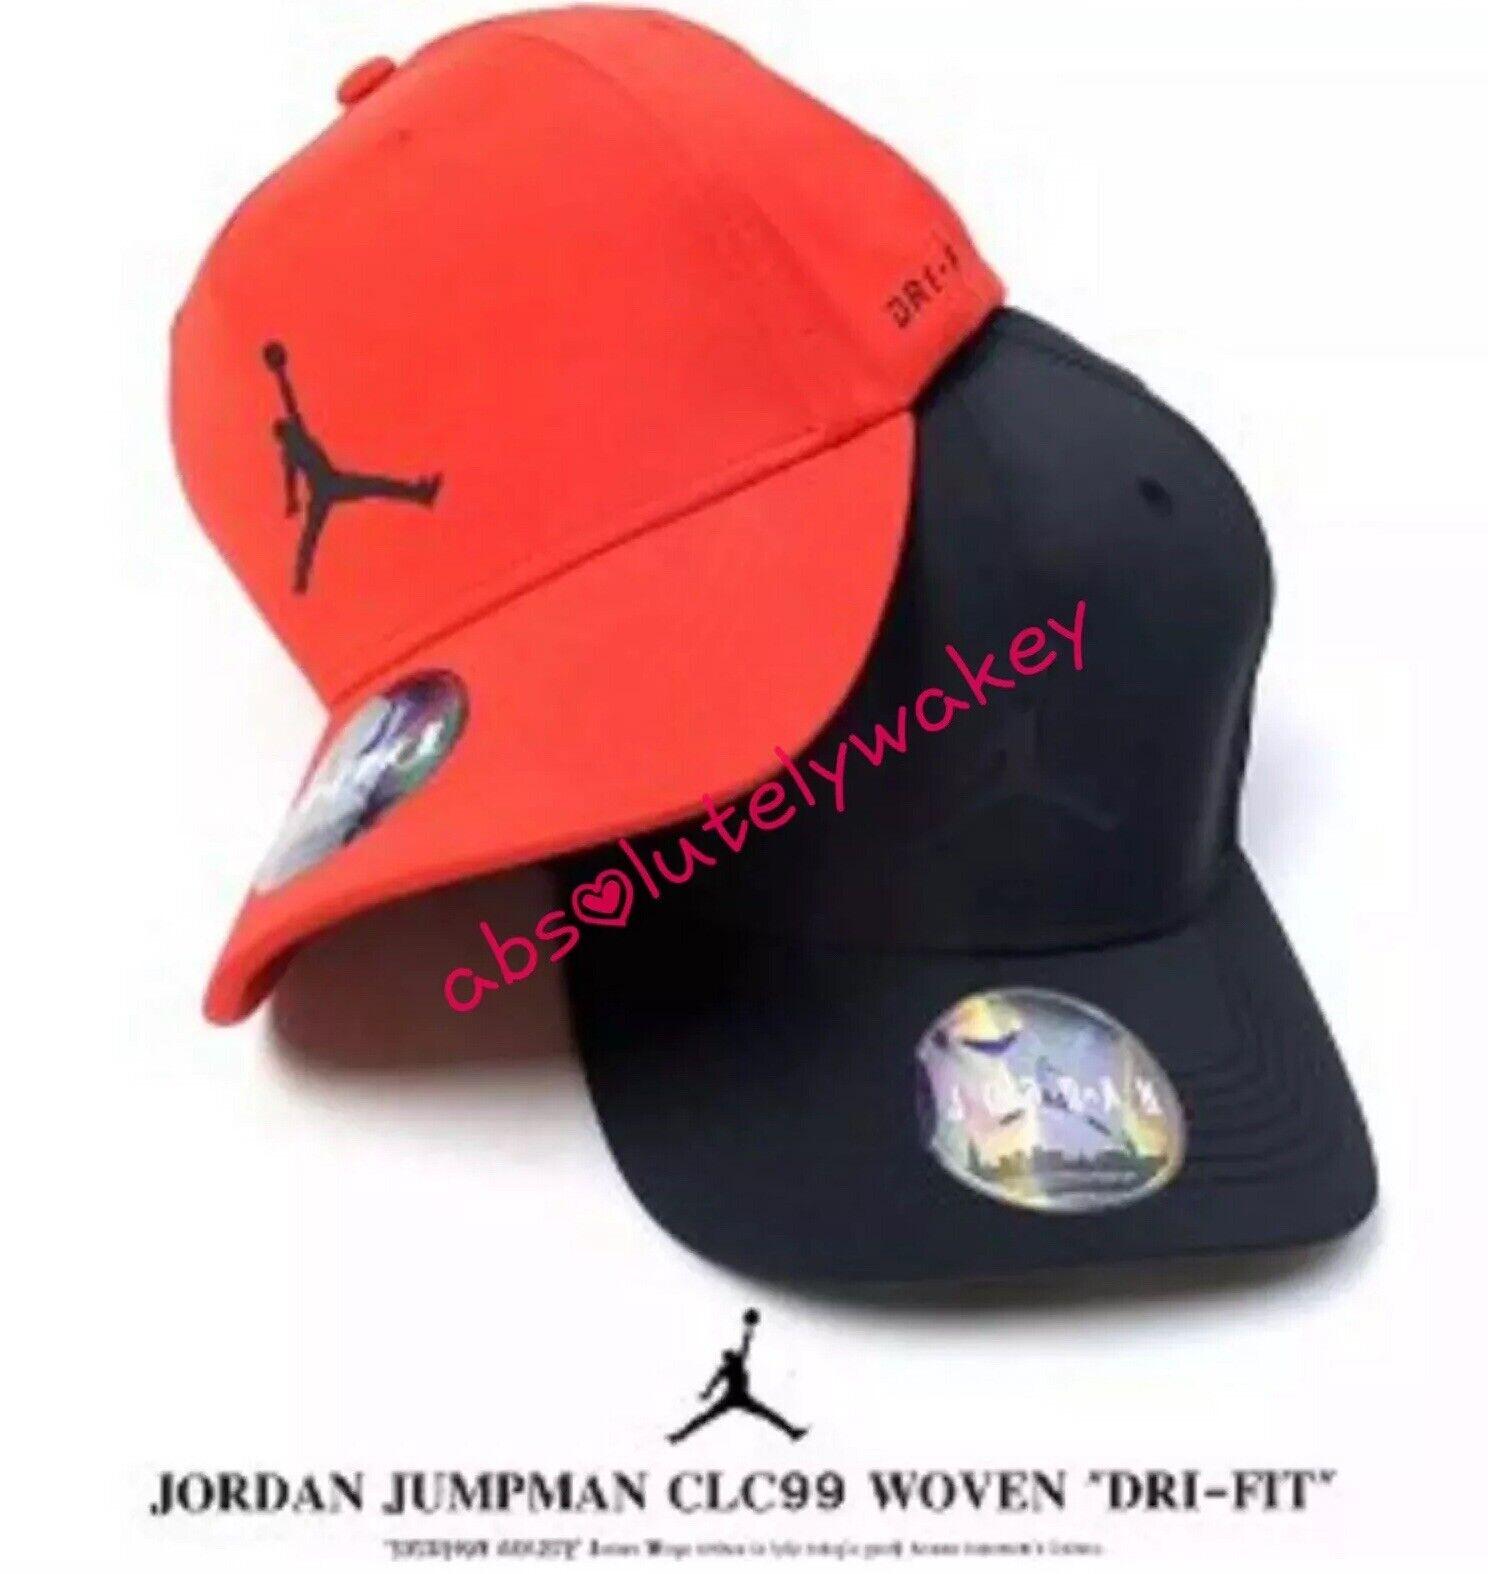 jordan jumpman clc99 woven